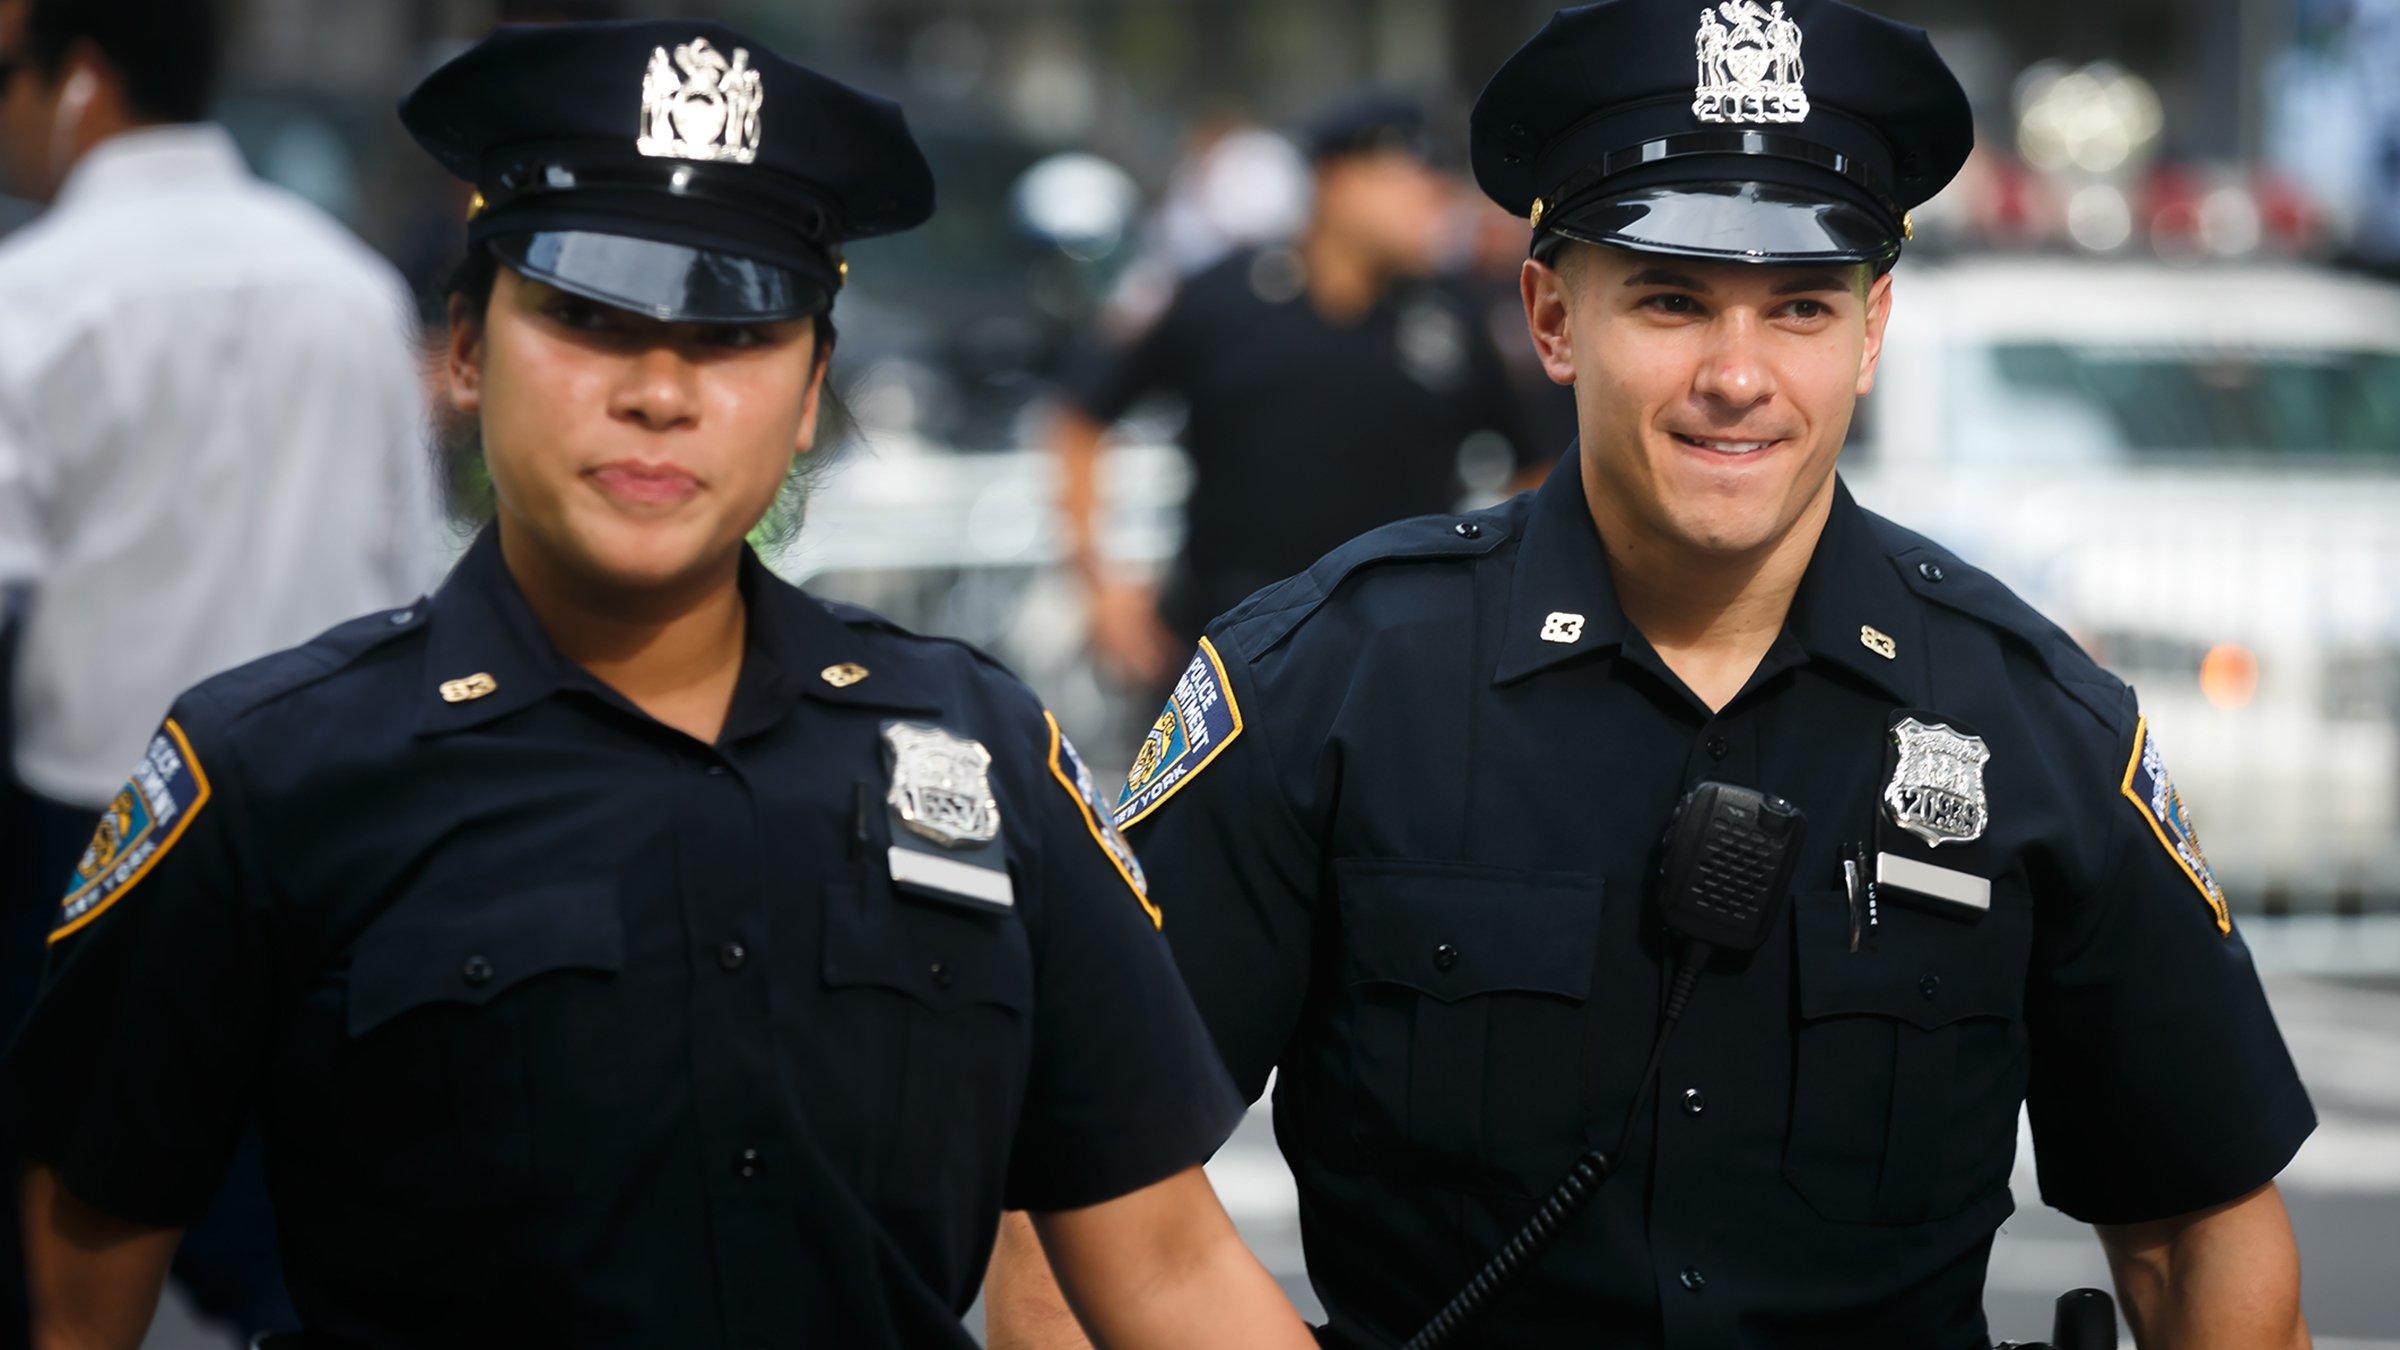 The National Law Enforcement Survey 2